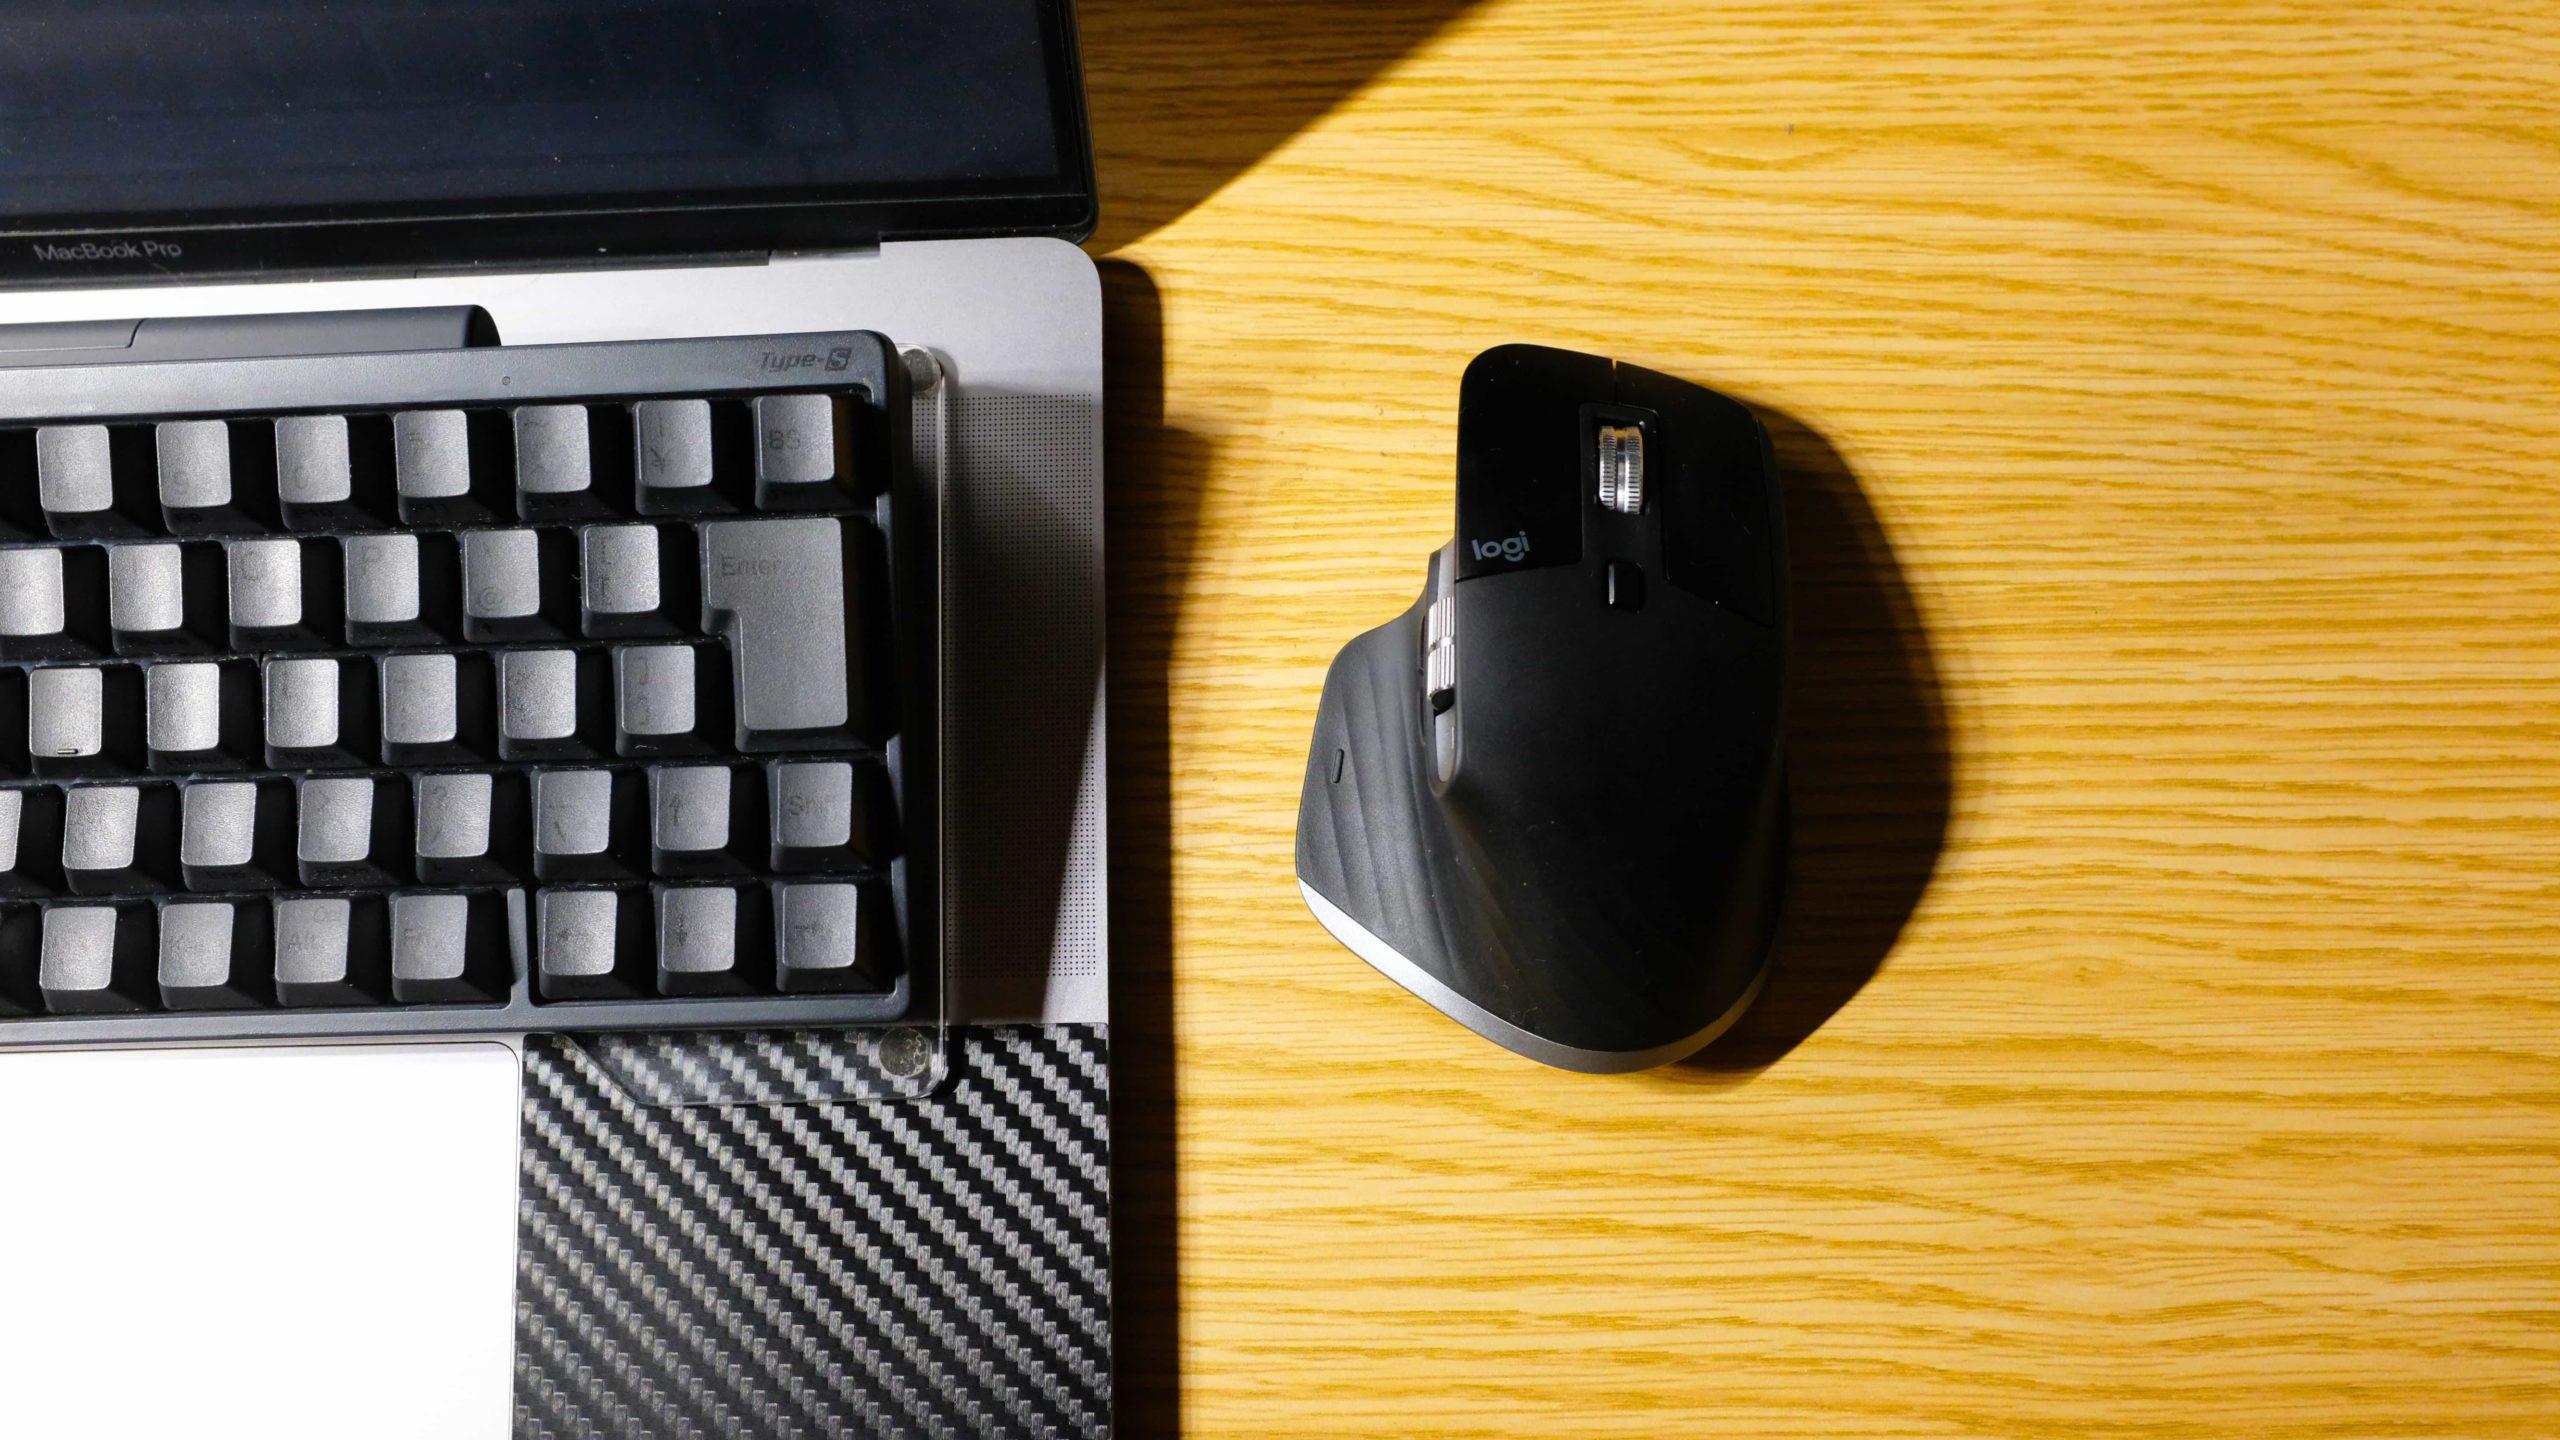 MX Master 3 for Mac でもやっぱりBluetoothは安定しないわ